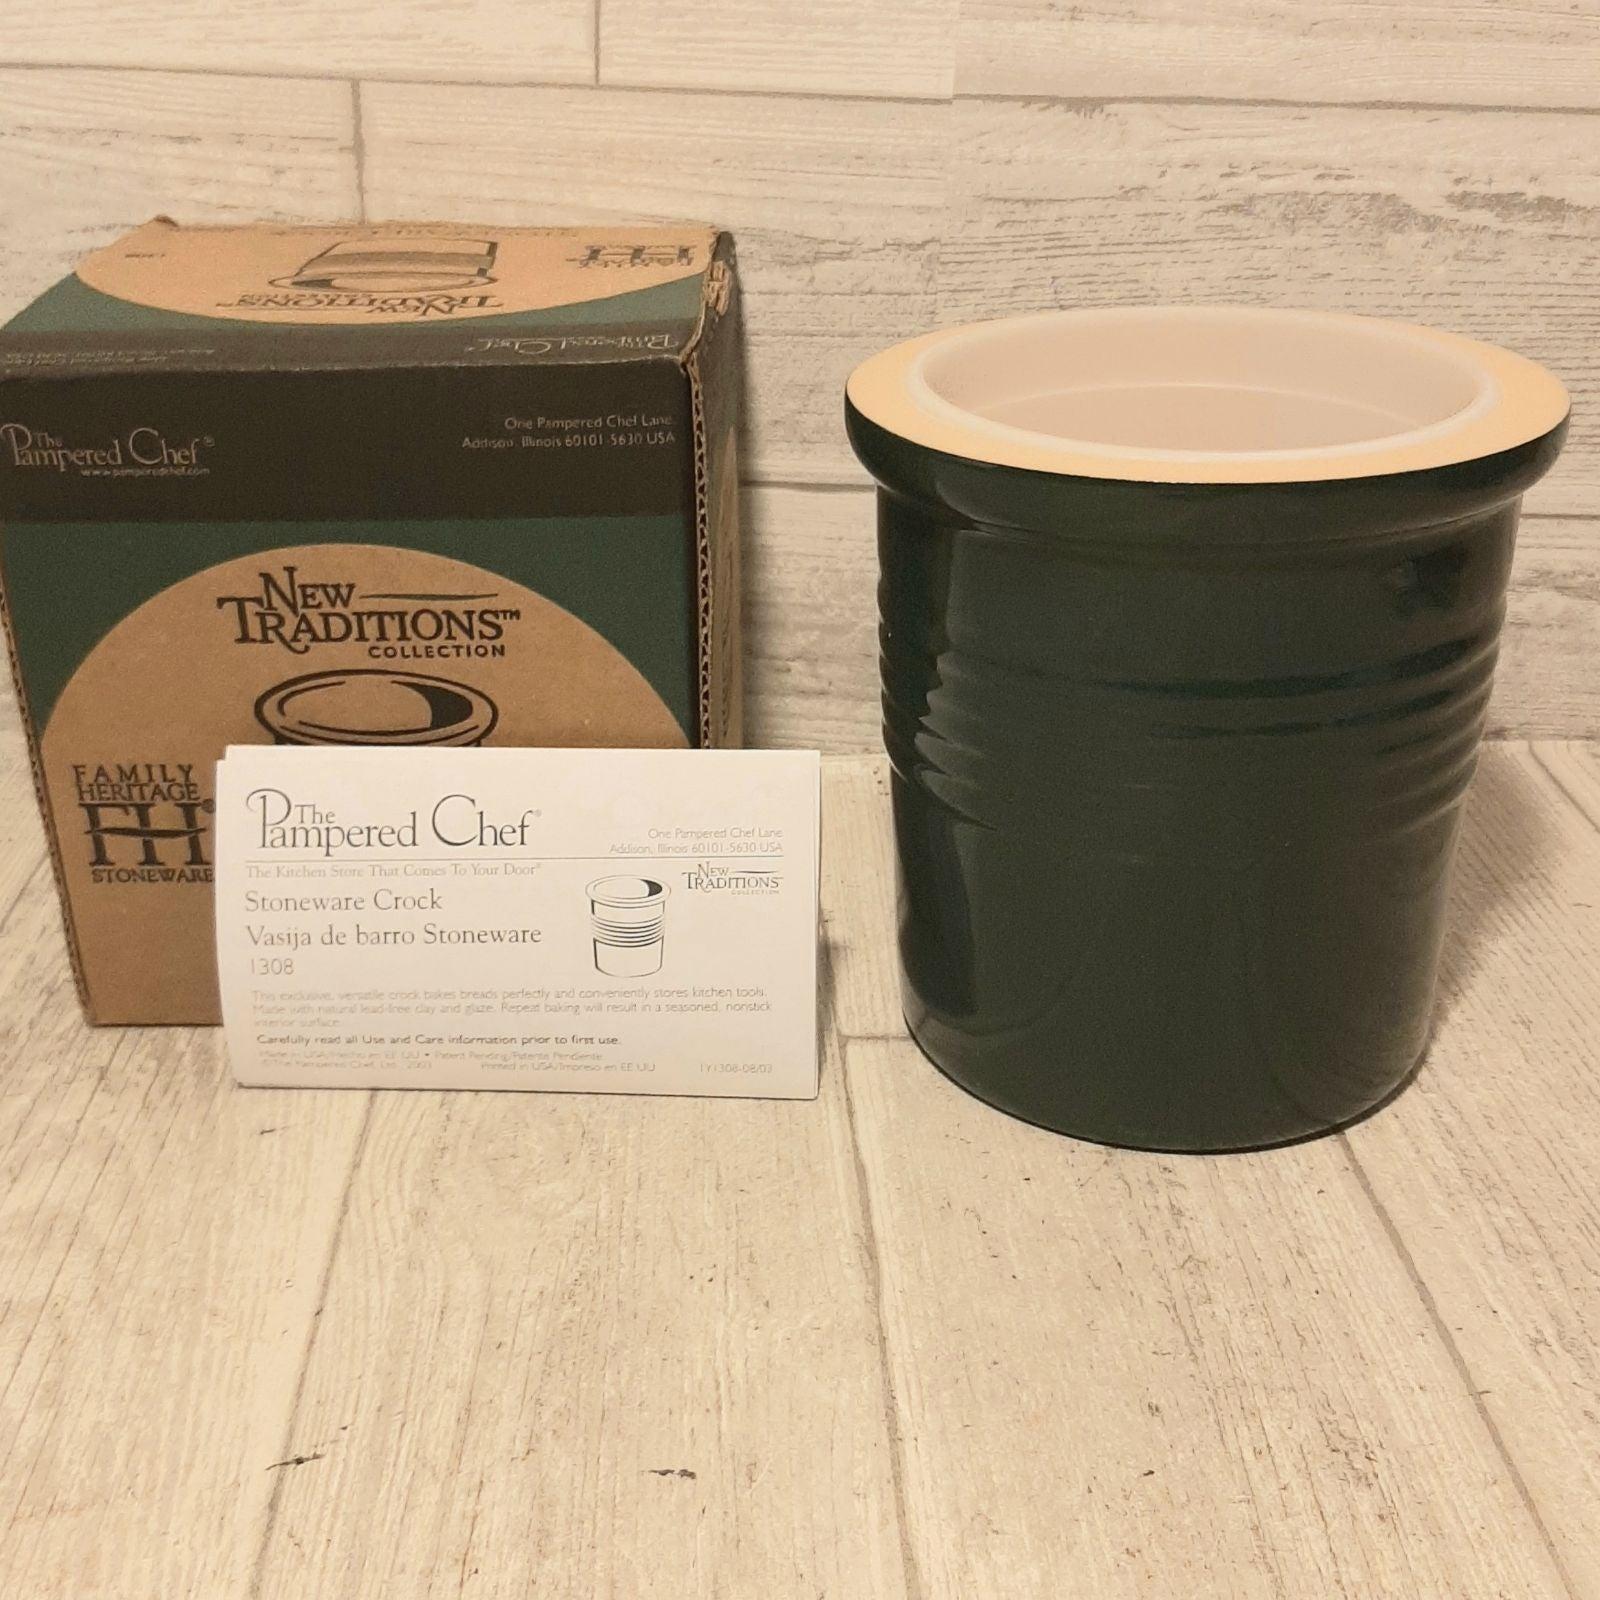 Pampered Chef Stoneware Crock Dark Green